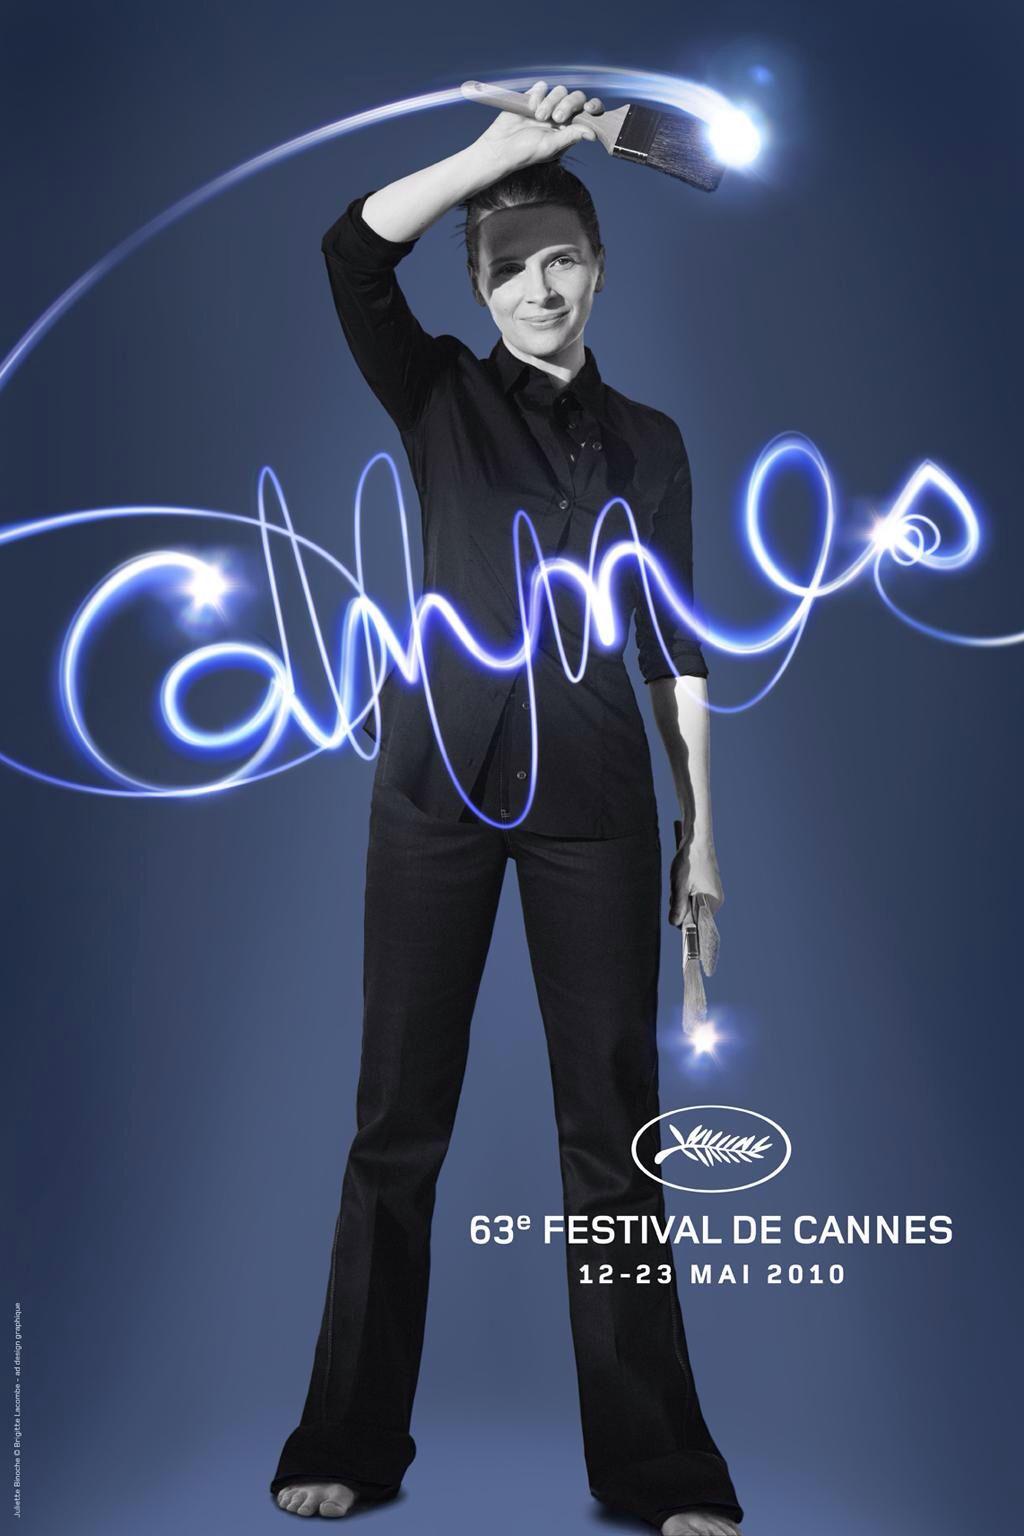 Image issue du site Web http://www.lyricis.fr/wp-content/uploads/2010/03/Festival-de-Cannes-2010-Affiche.jpg